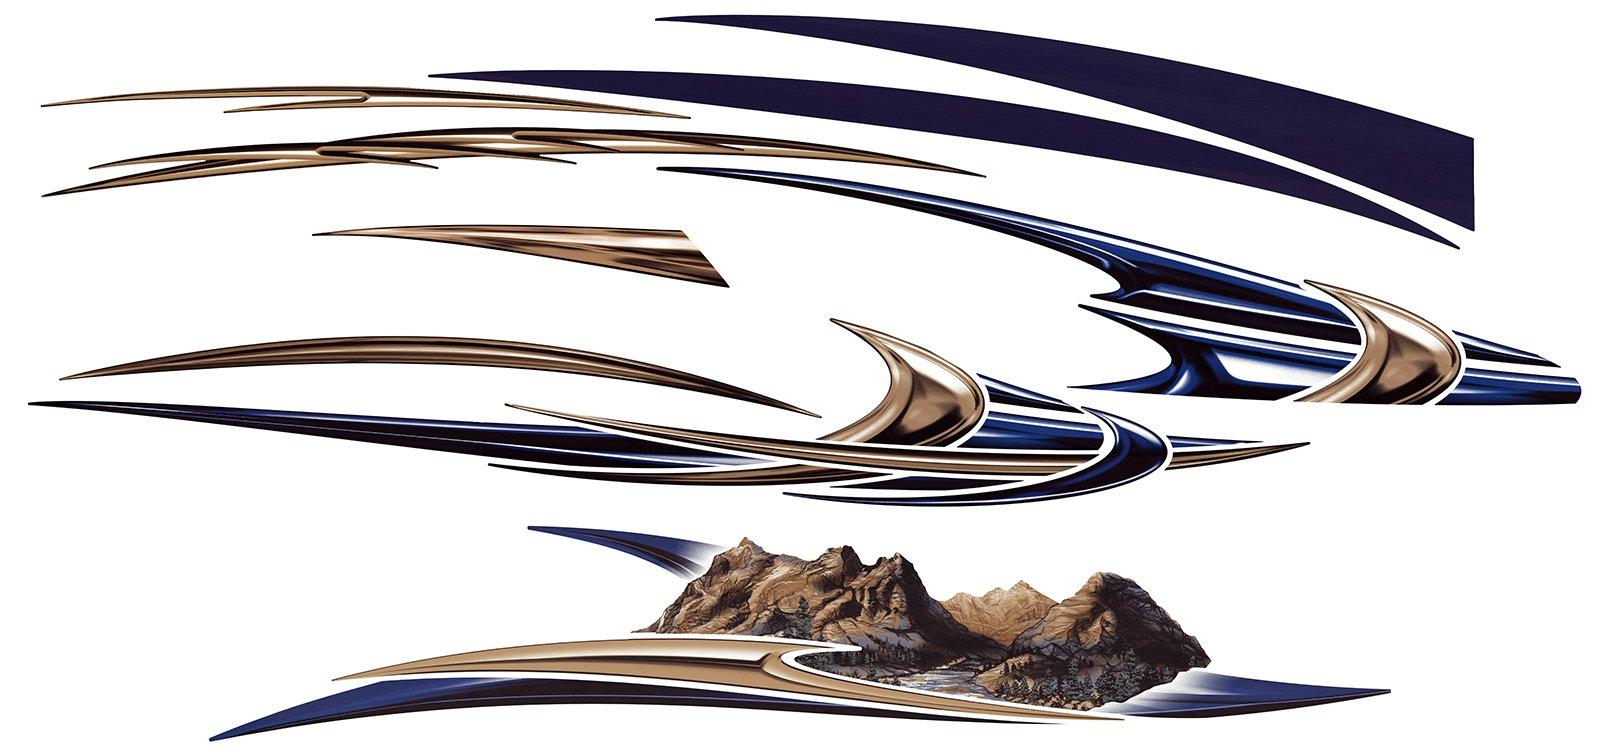 RV, Trailer, Camper, Motorhome Large Vinyl Decals/Graphics Kit-K-0006-2